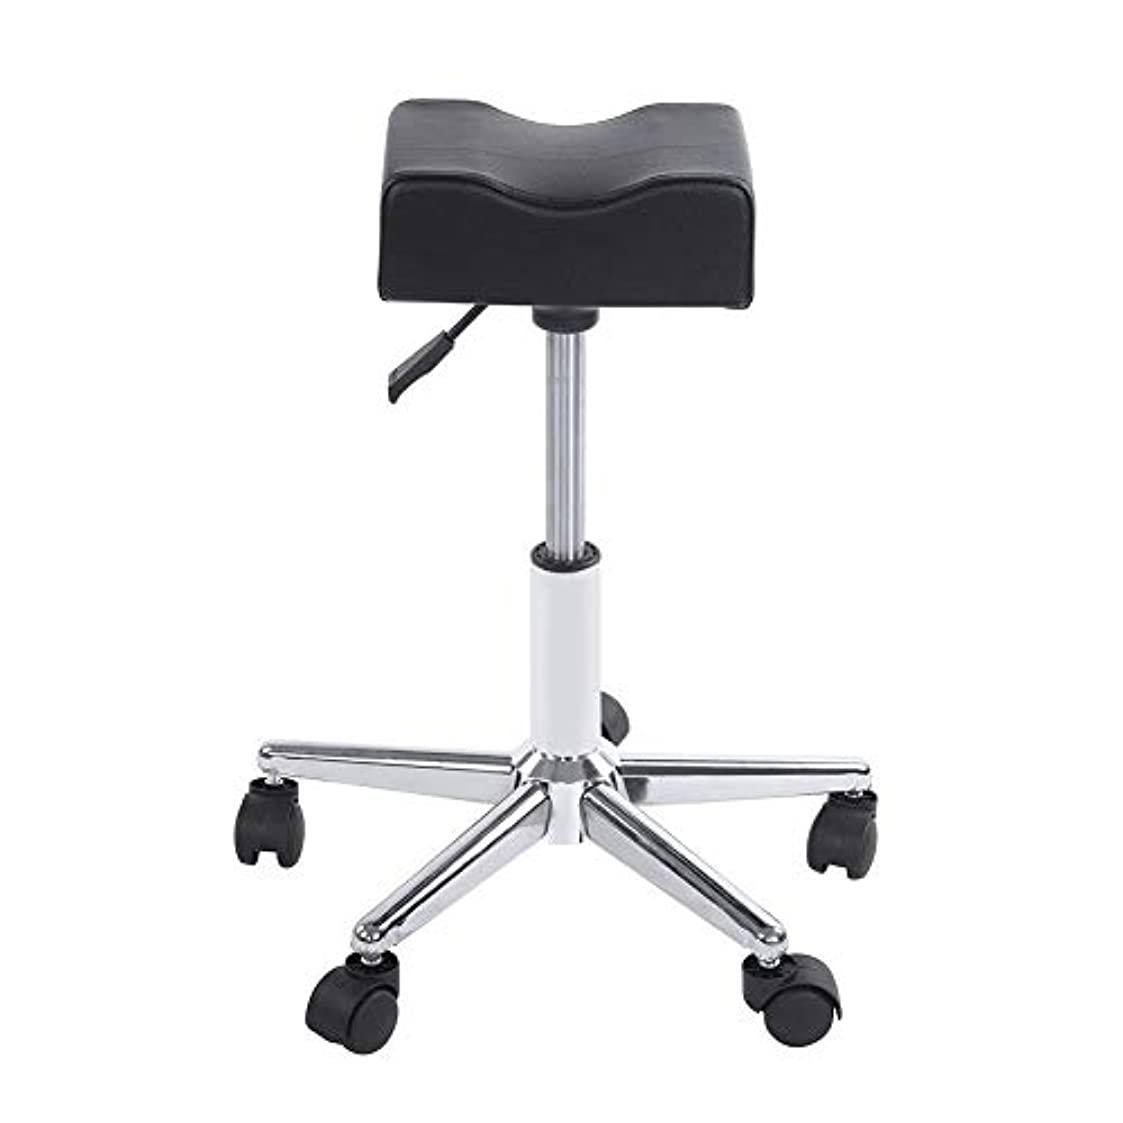 責任驚いたことに住居ローリングスツール、高さ調節可能な回転椅子ネイルショップスツールチェア、サロンマッサージ、タトゥー、スパ用の快適なPuレザークッションシート